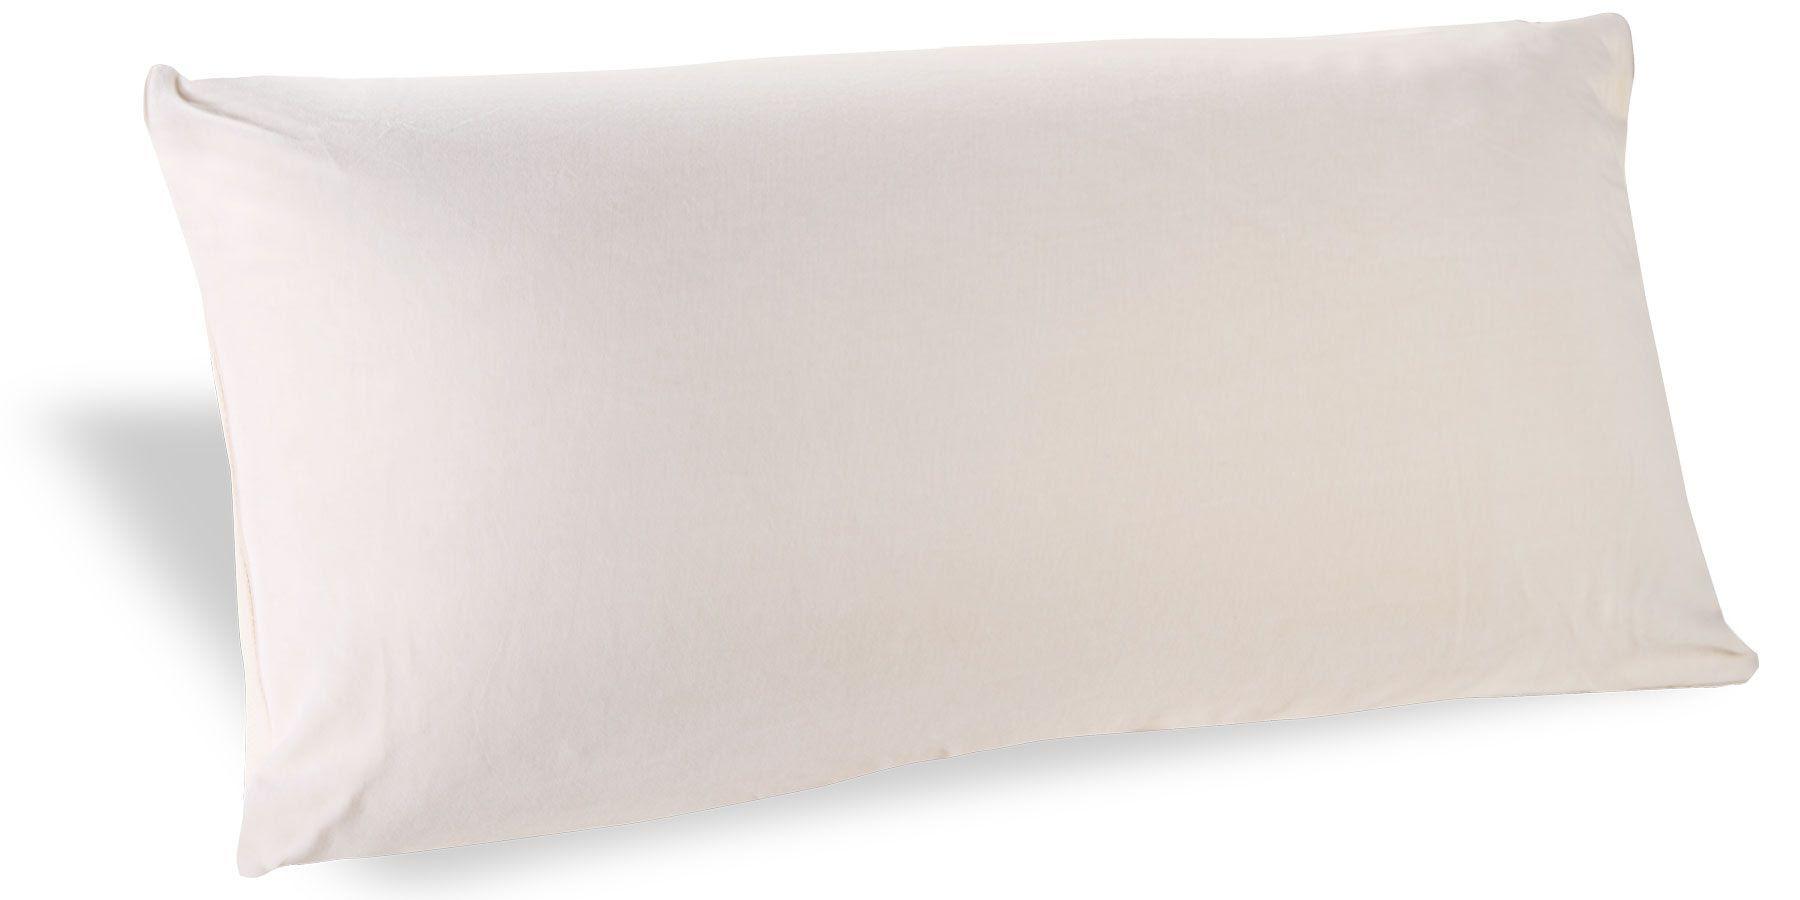 Dream Solutions 300 TC Foam Pillow: Get Comfy Deals at Sears